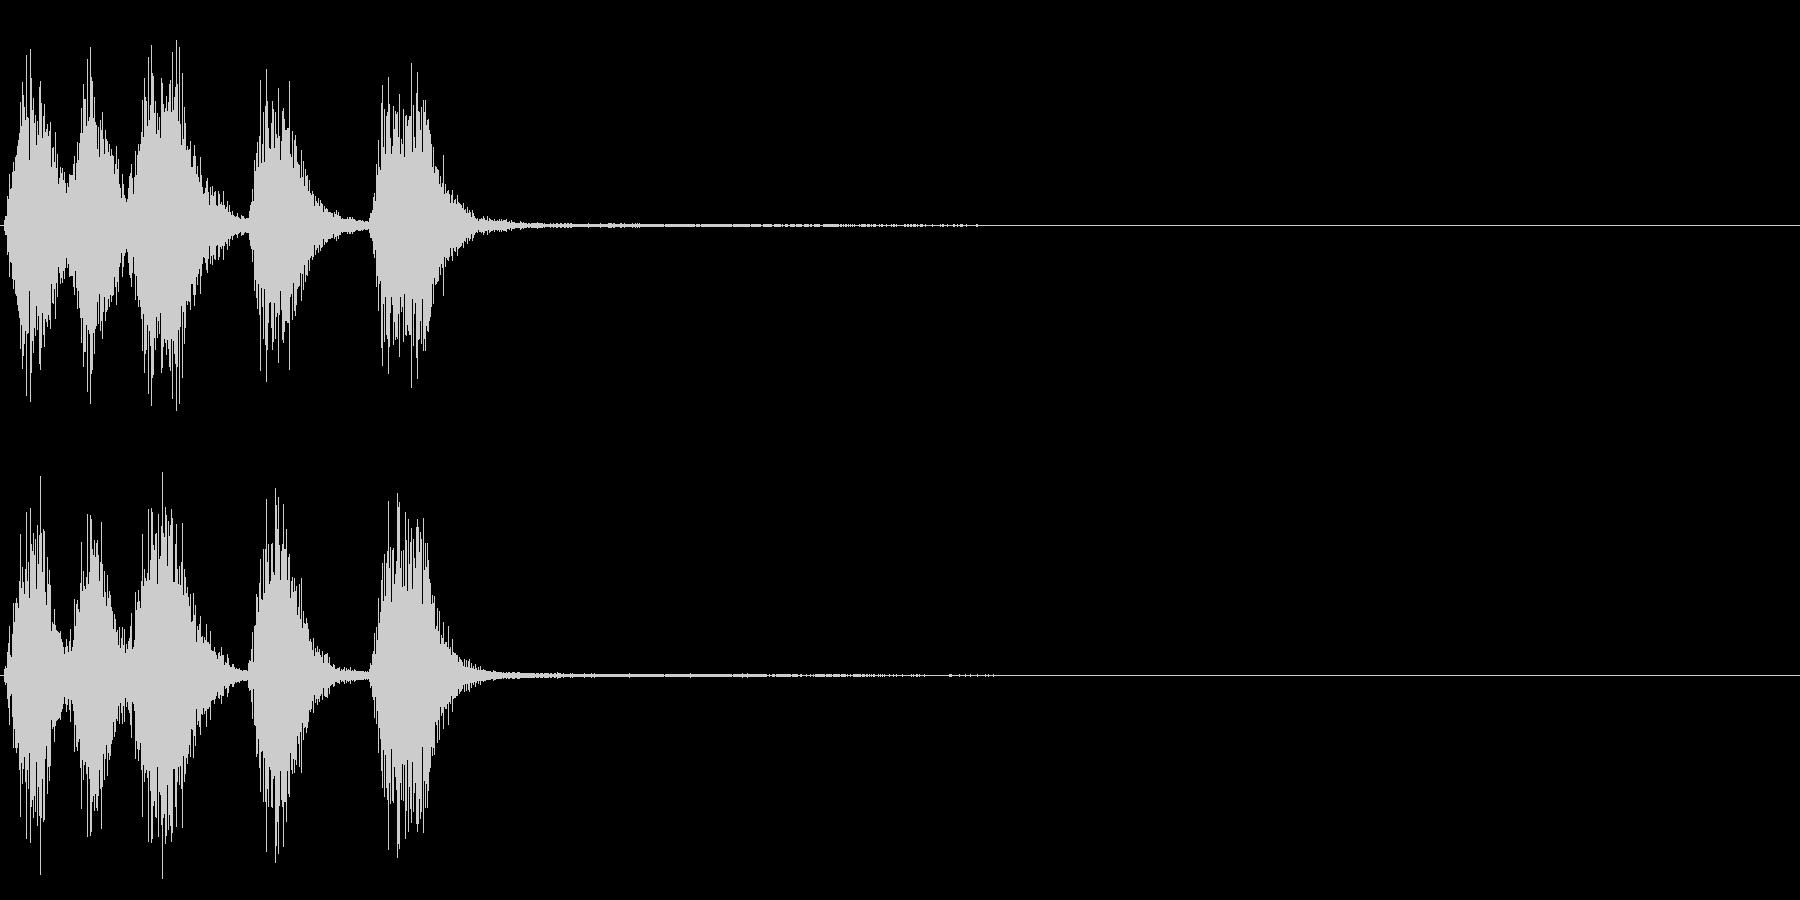 トランペット ファンファーレ 定番 11の未再生の波形